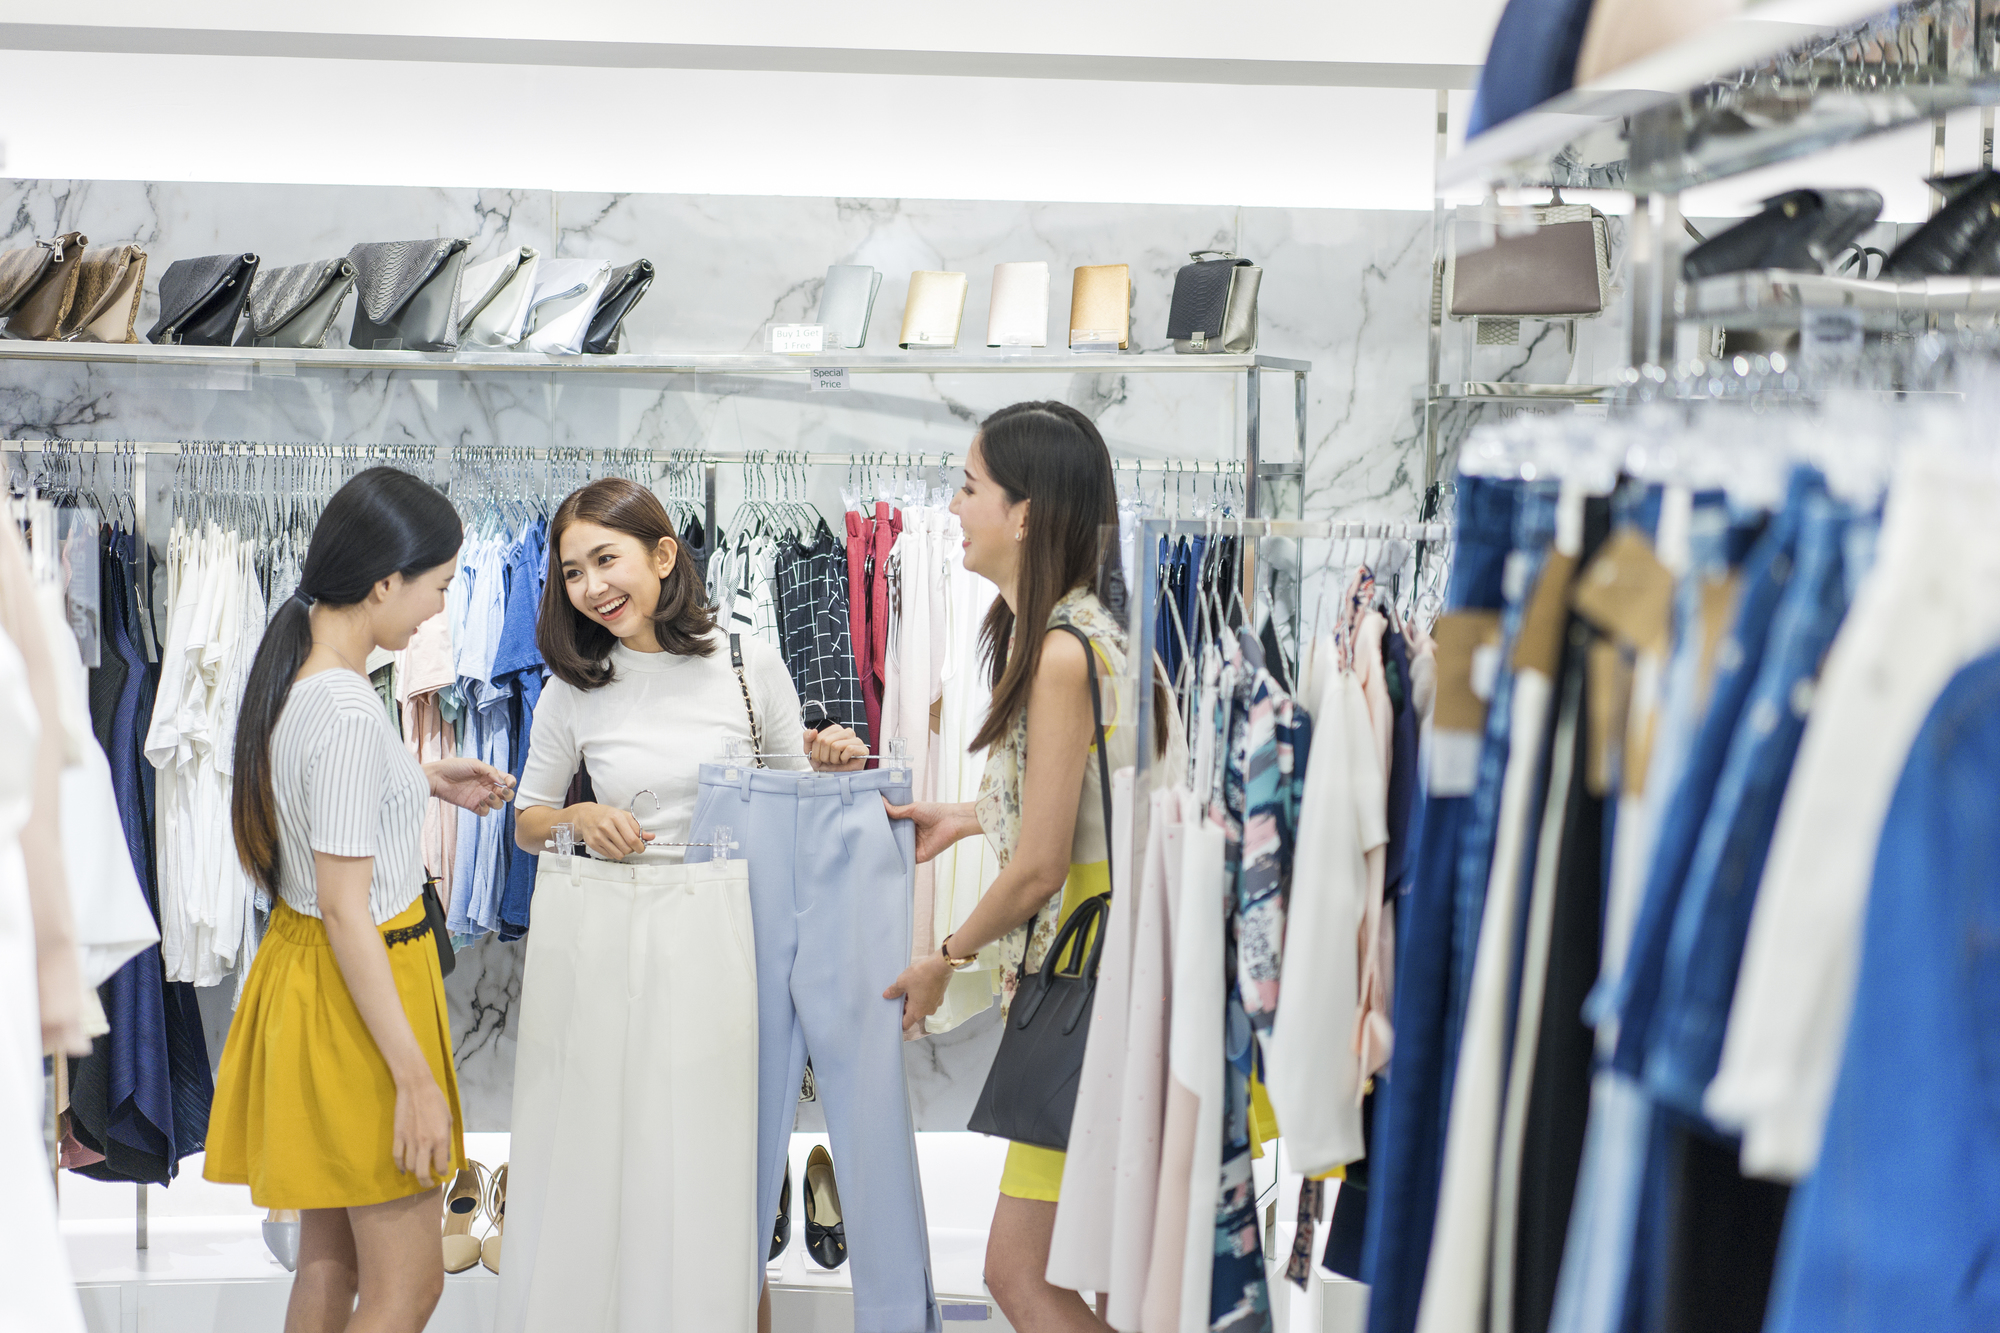 レディースの服のサイズの選び方